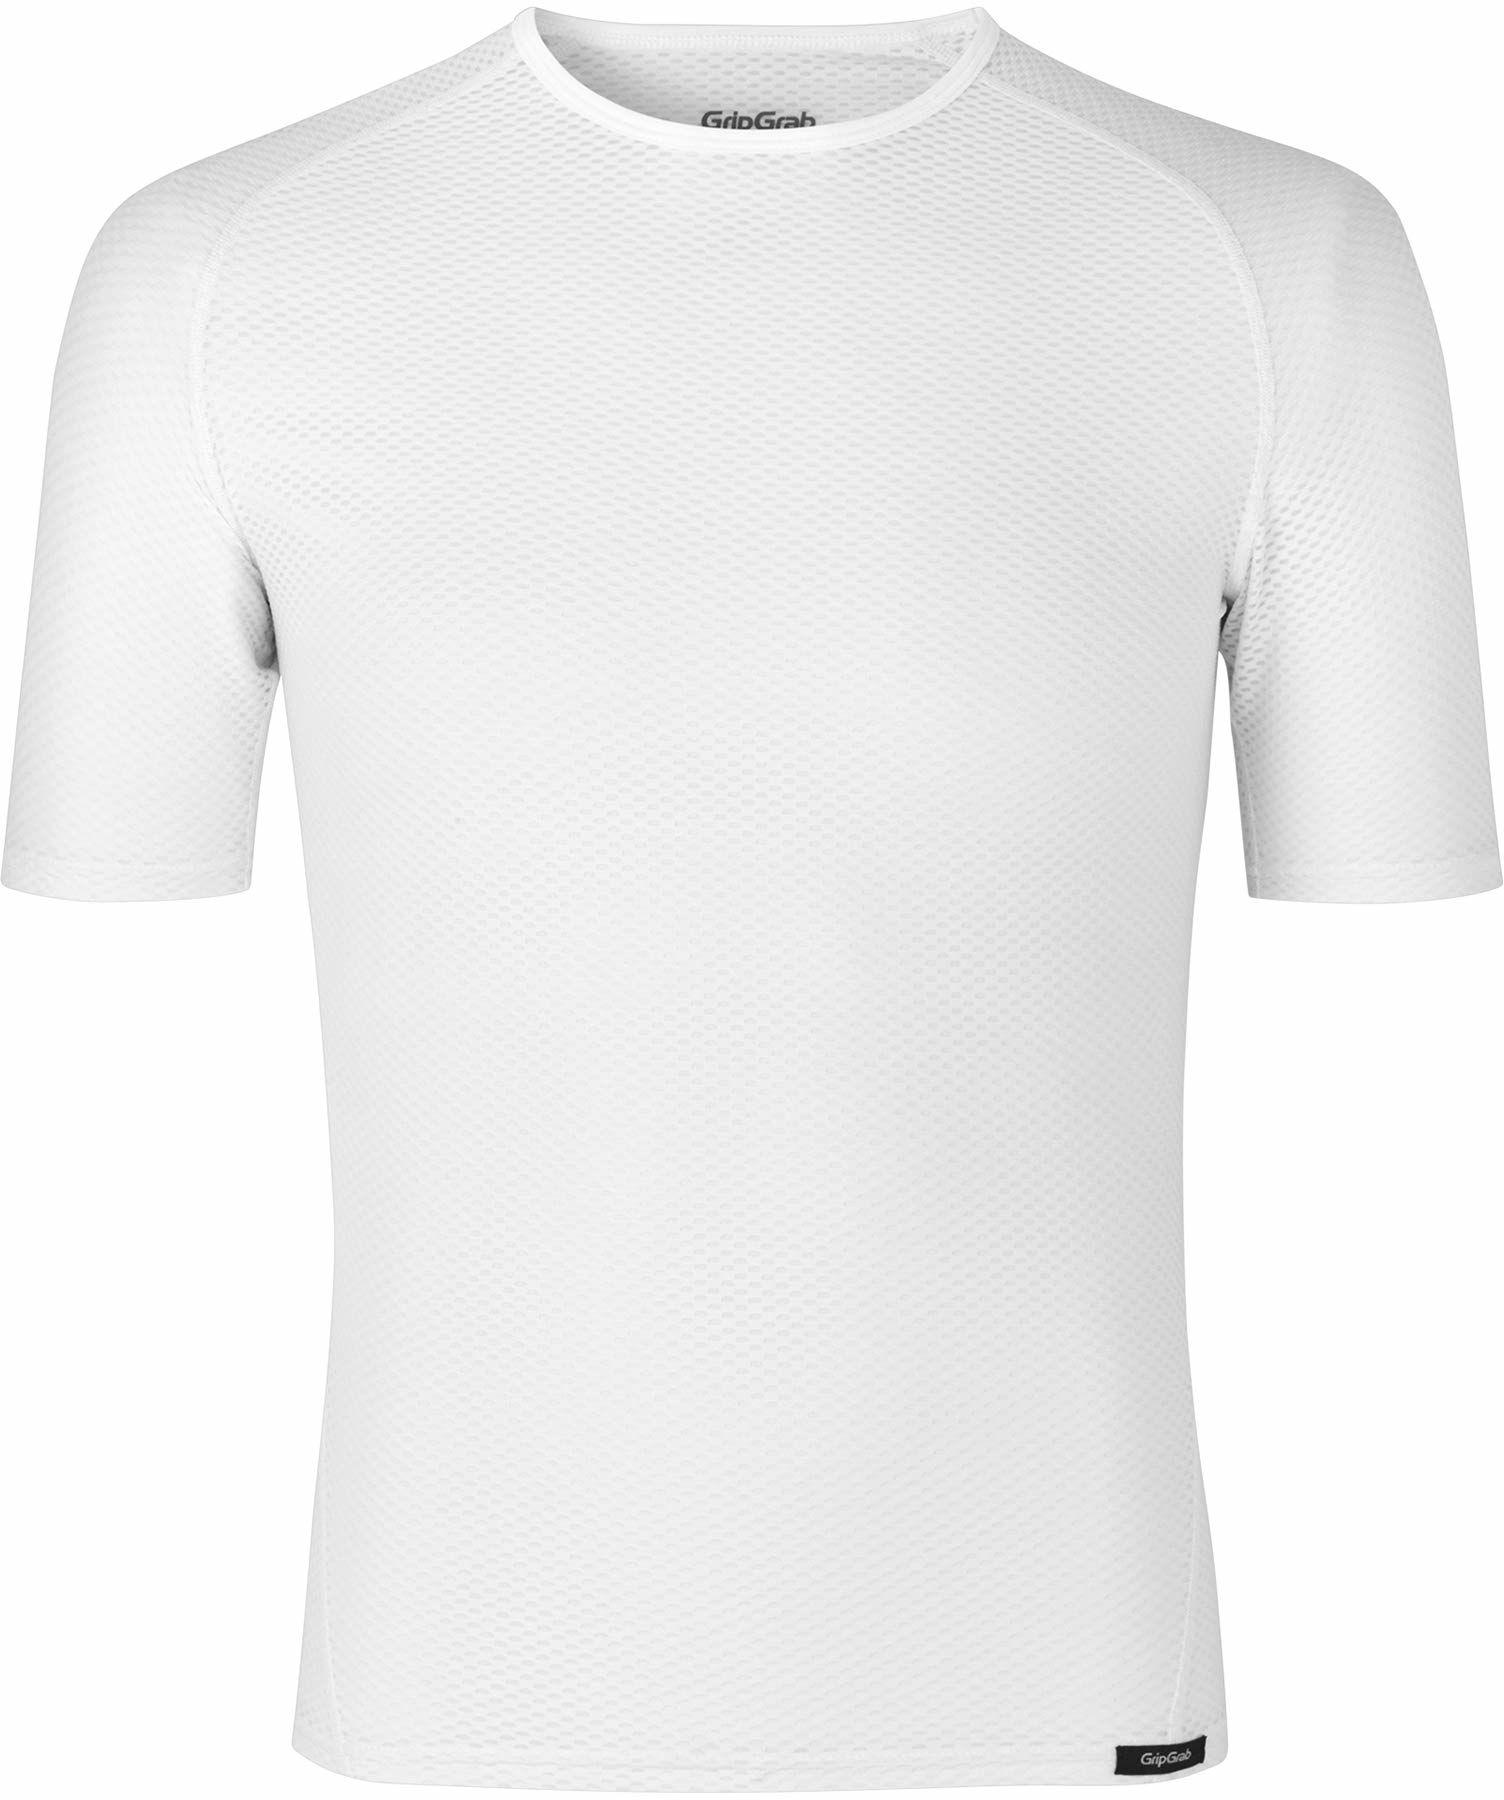 GripGrab Unisex  ultralekki podkoszulek z krótkim rękawem, Cool Mesh na rower, przeciwzapachowy, na lato, do uprawiania sportów rowerowych, podkoszulek na lato, kolor biały, XL